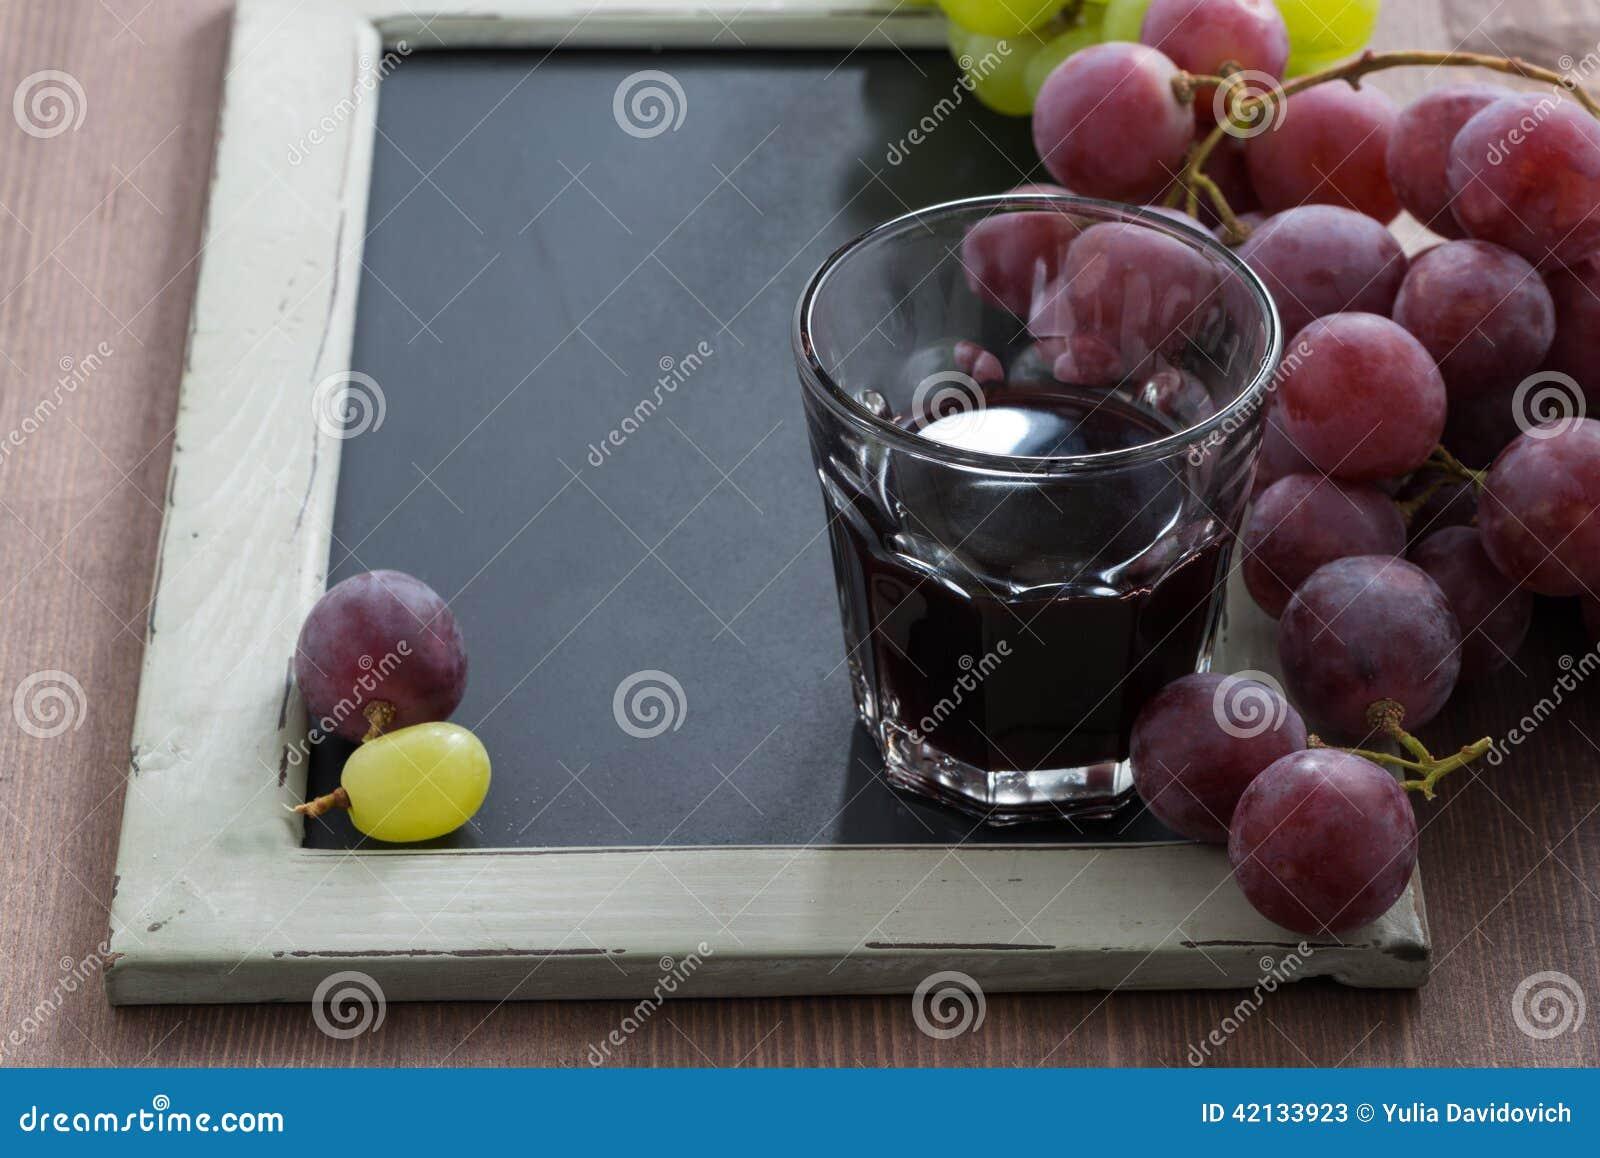 Tableau noir pour crire verre de vin rouge et raisins - Tableau pour ecrire ...